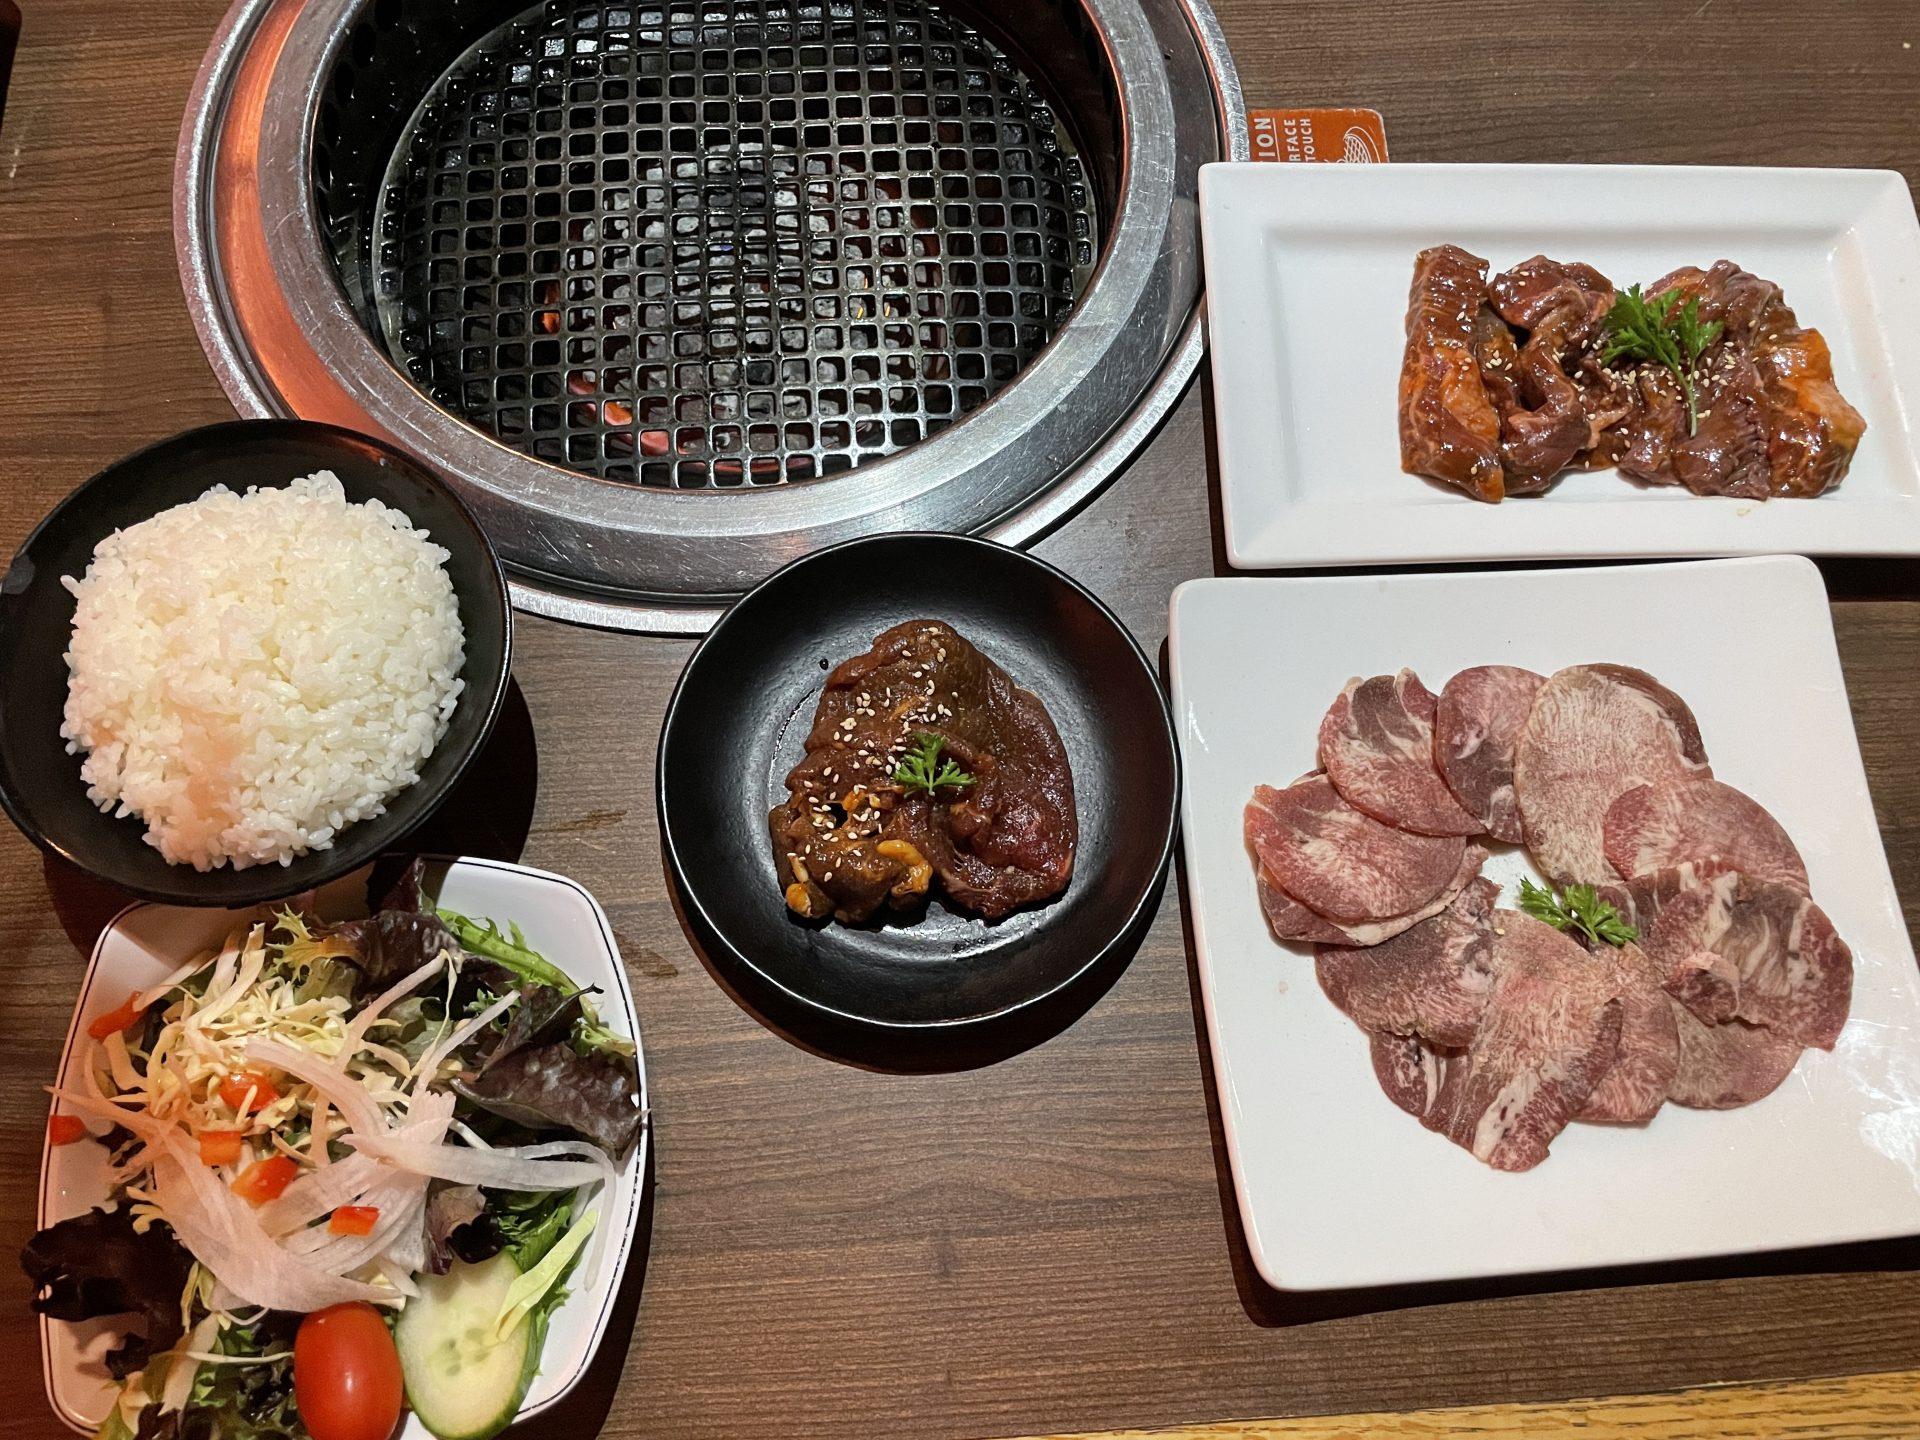 【NYで牛角】おひとりさま焼肉ランチしたら、より一層日本が恋しくなった。